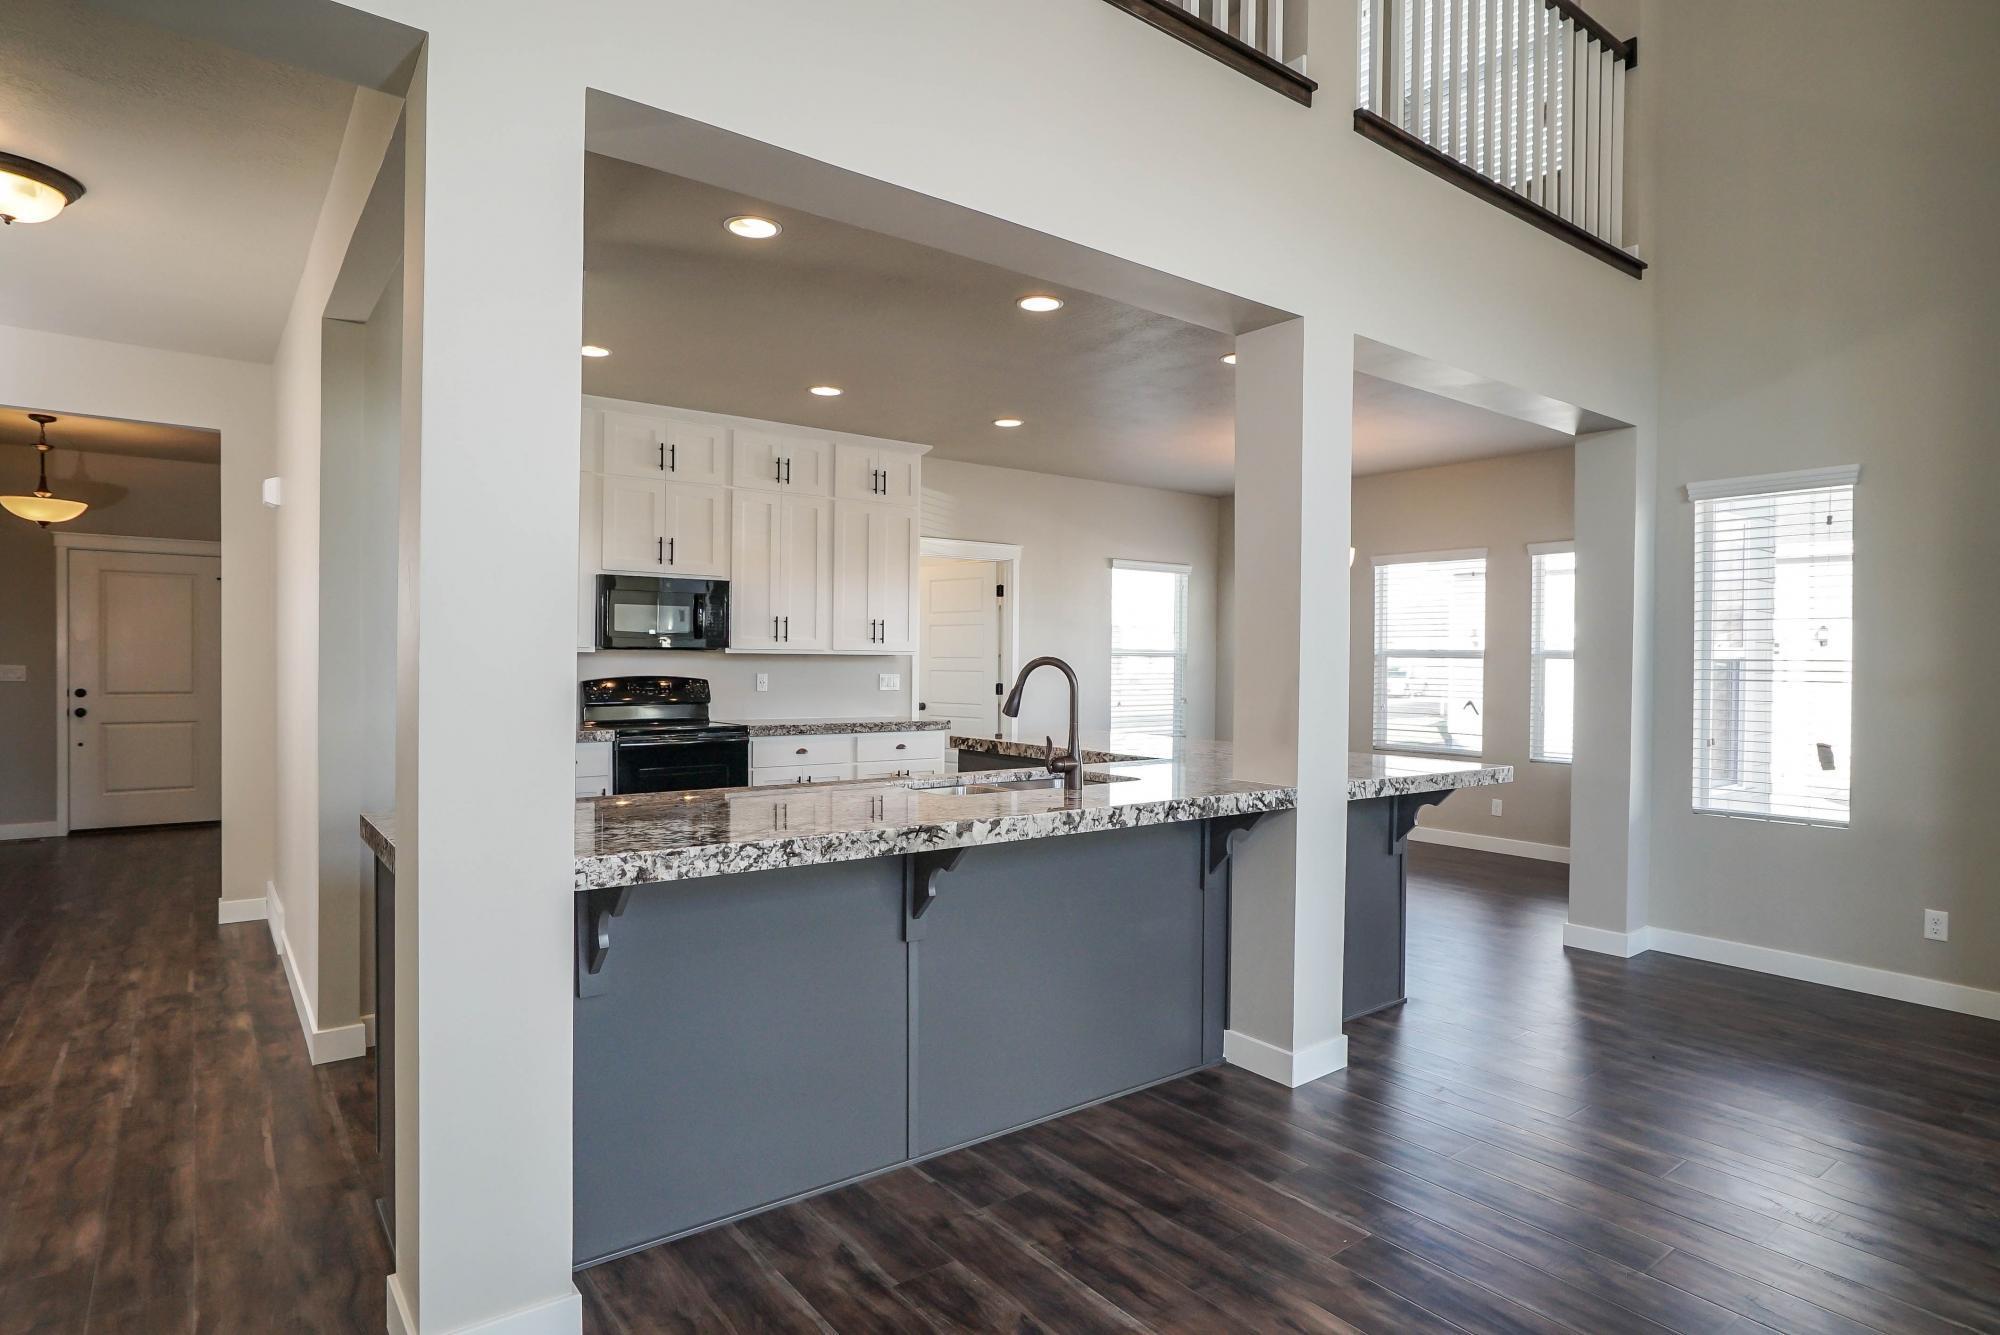 Kitchen featured in the Hillsboro By Destination Homes in Salt Lake City-Ogden, UT